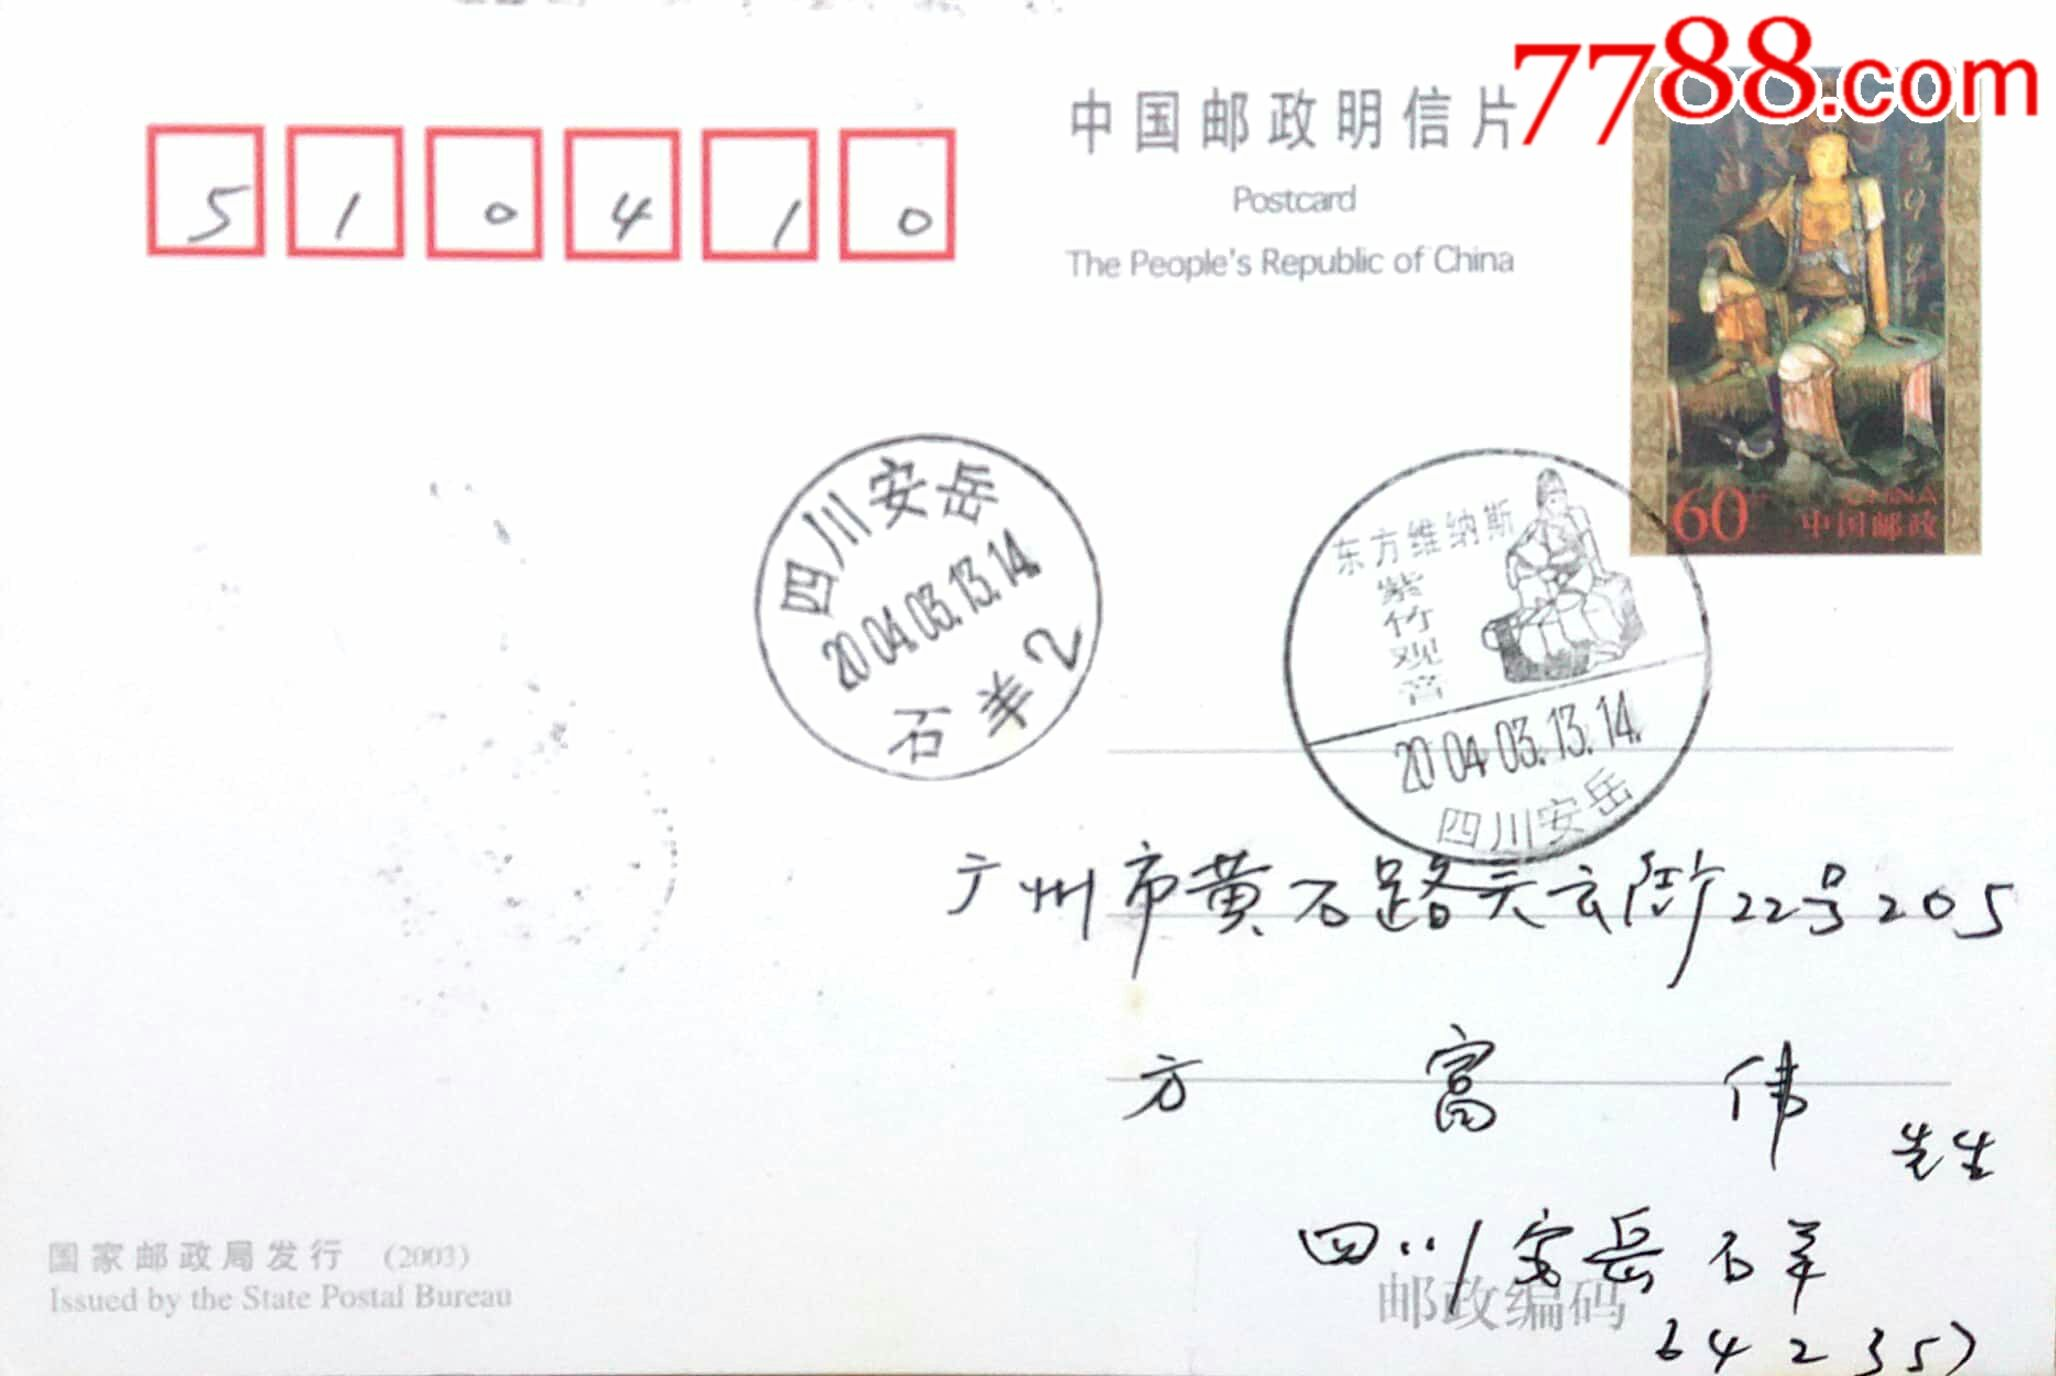 【1元起拍】PP77《毗�R洞石刻造像》(�s普白片)2004.3.13四川安岳原地(au21471447)_